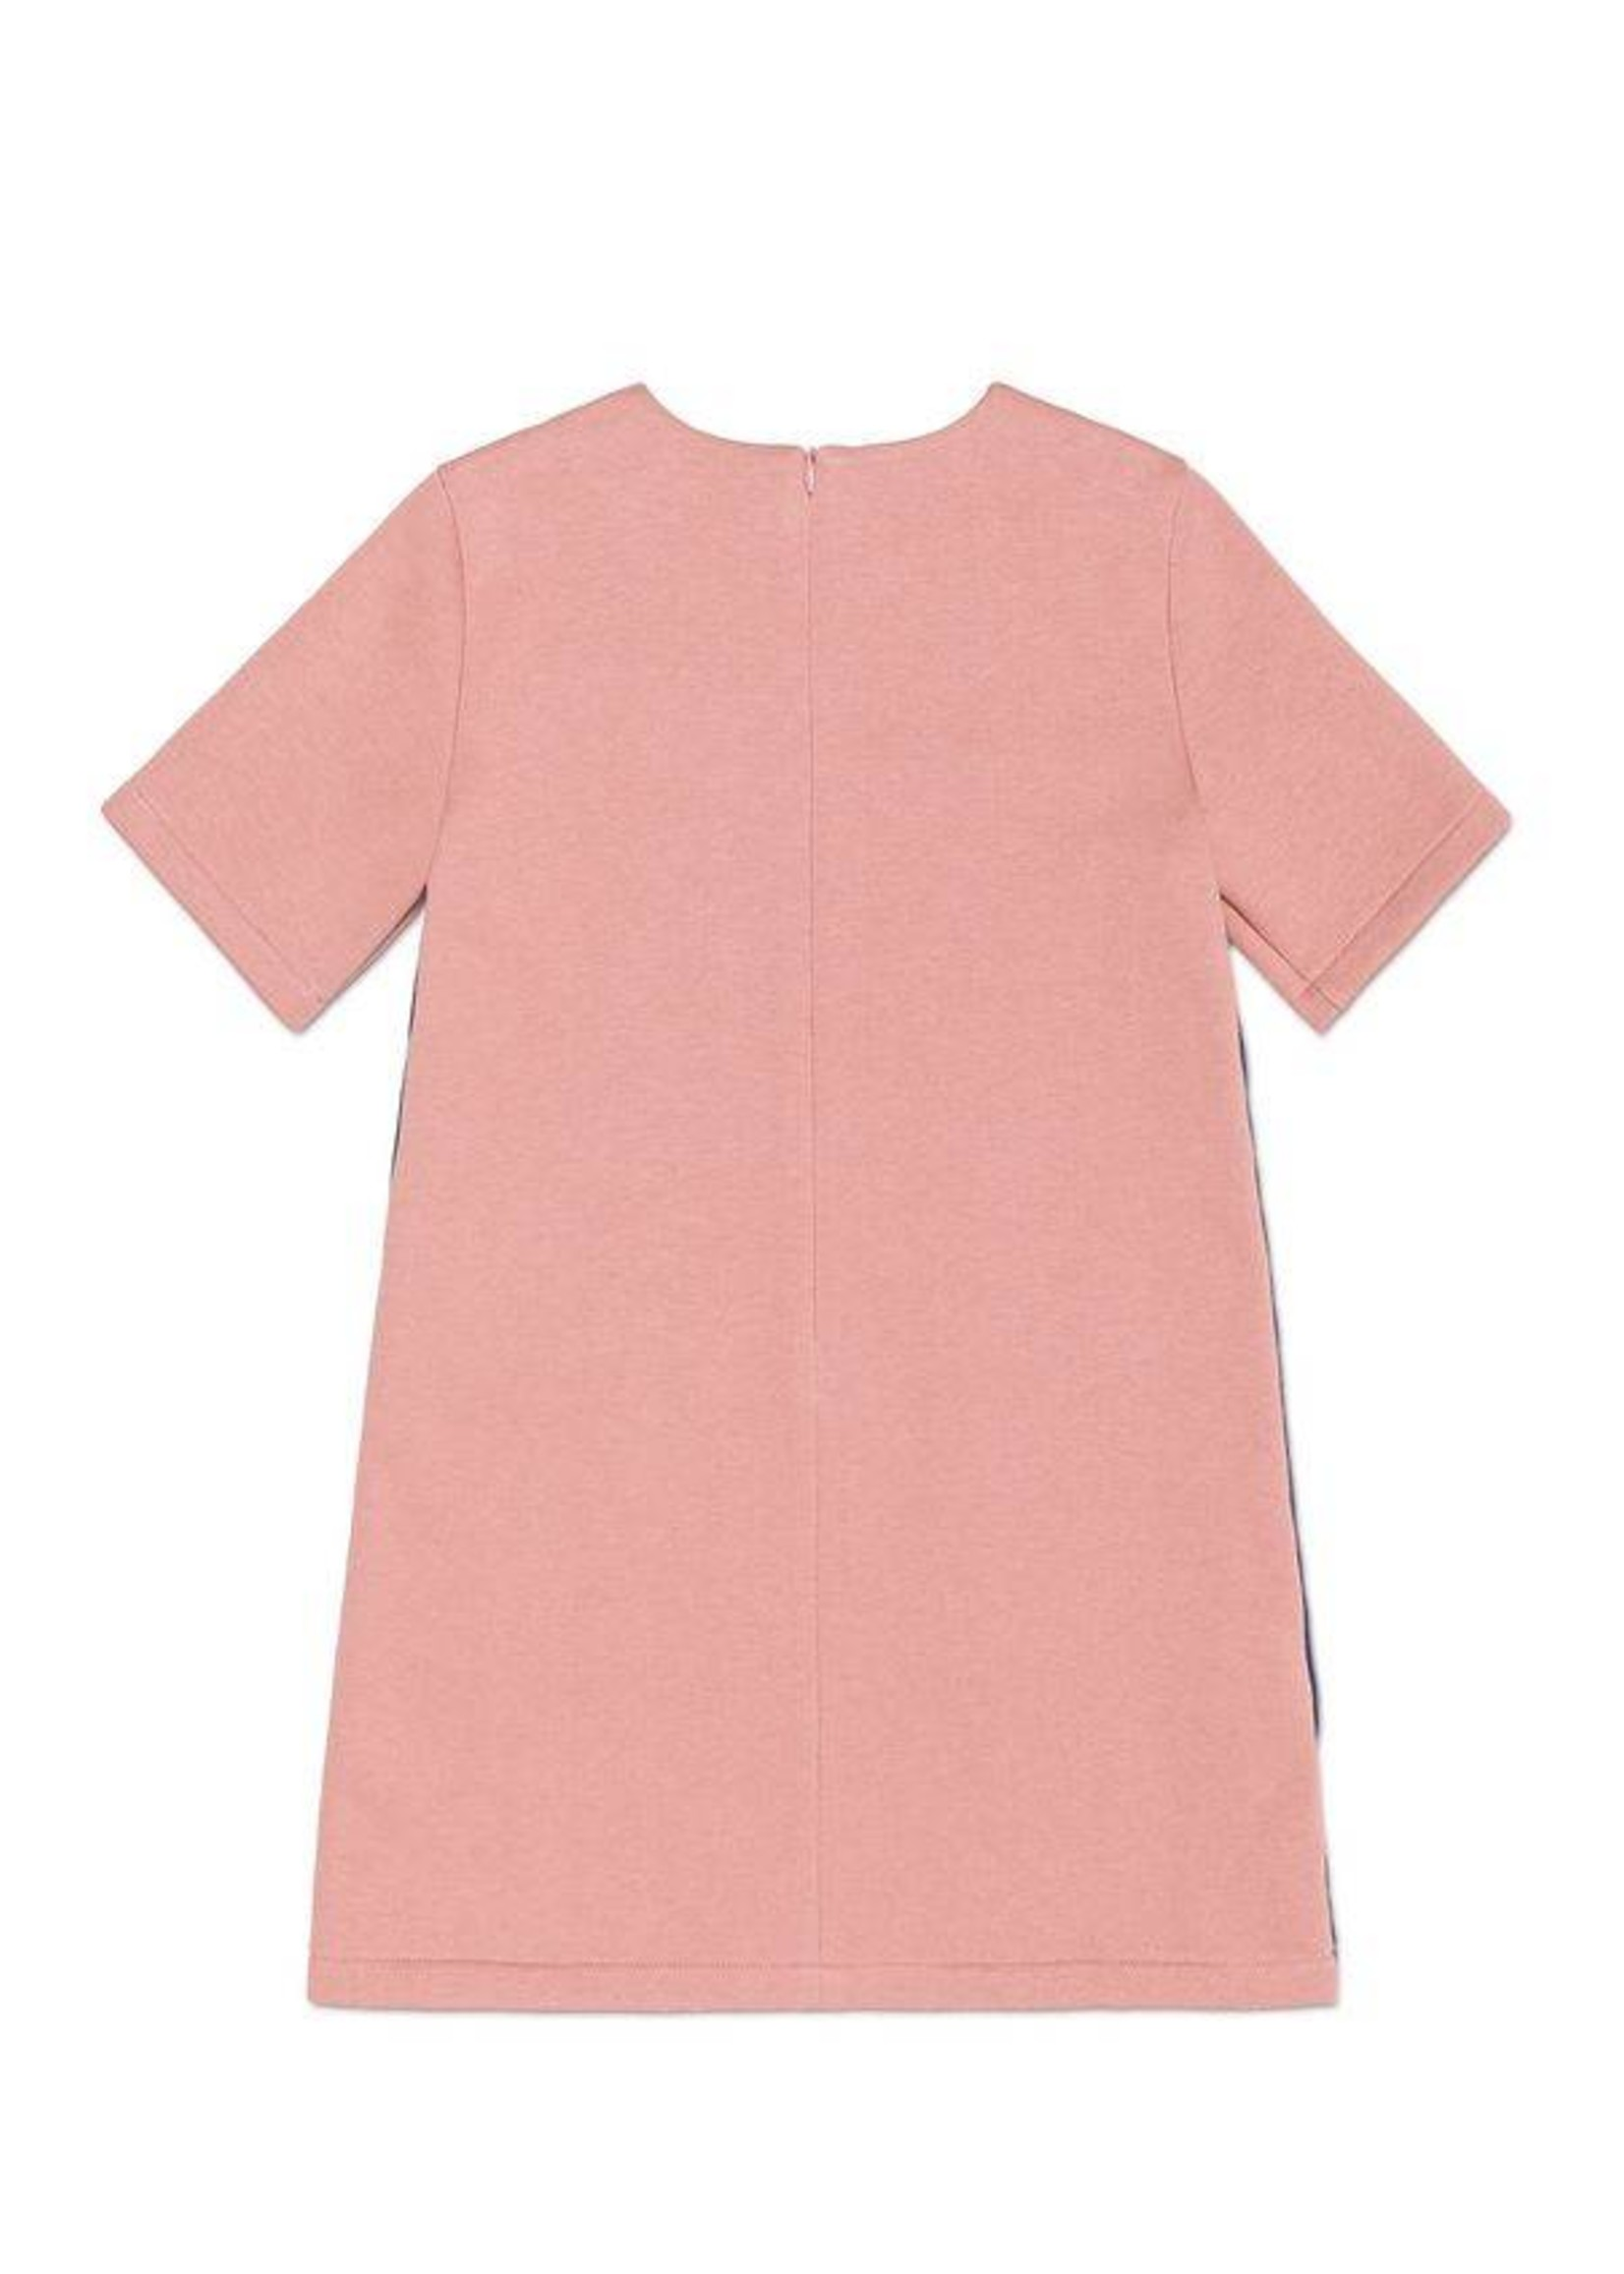 Marni Marni Girl Dress